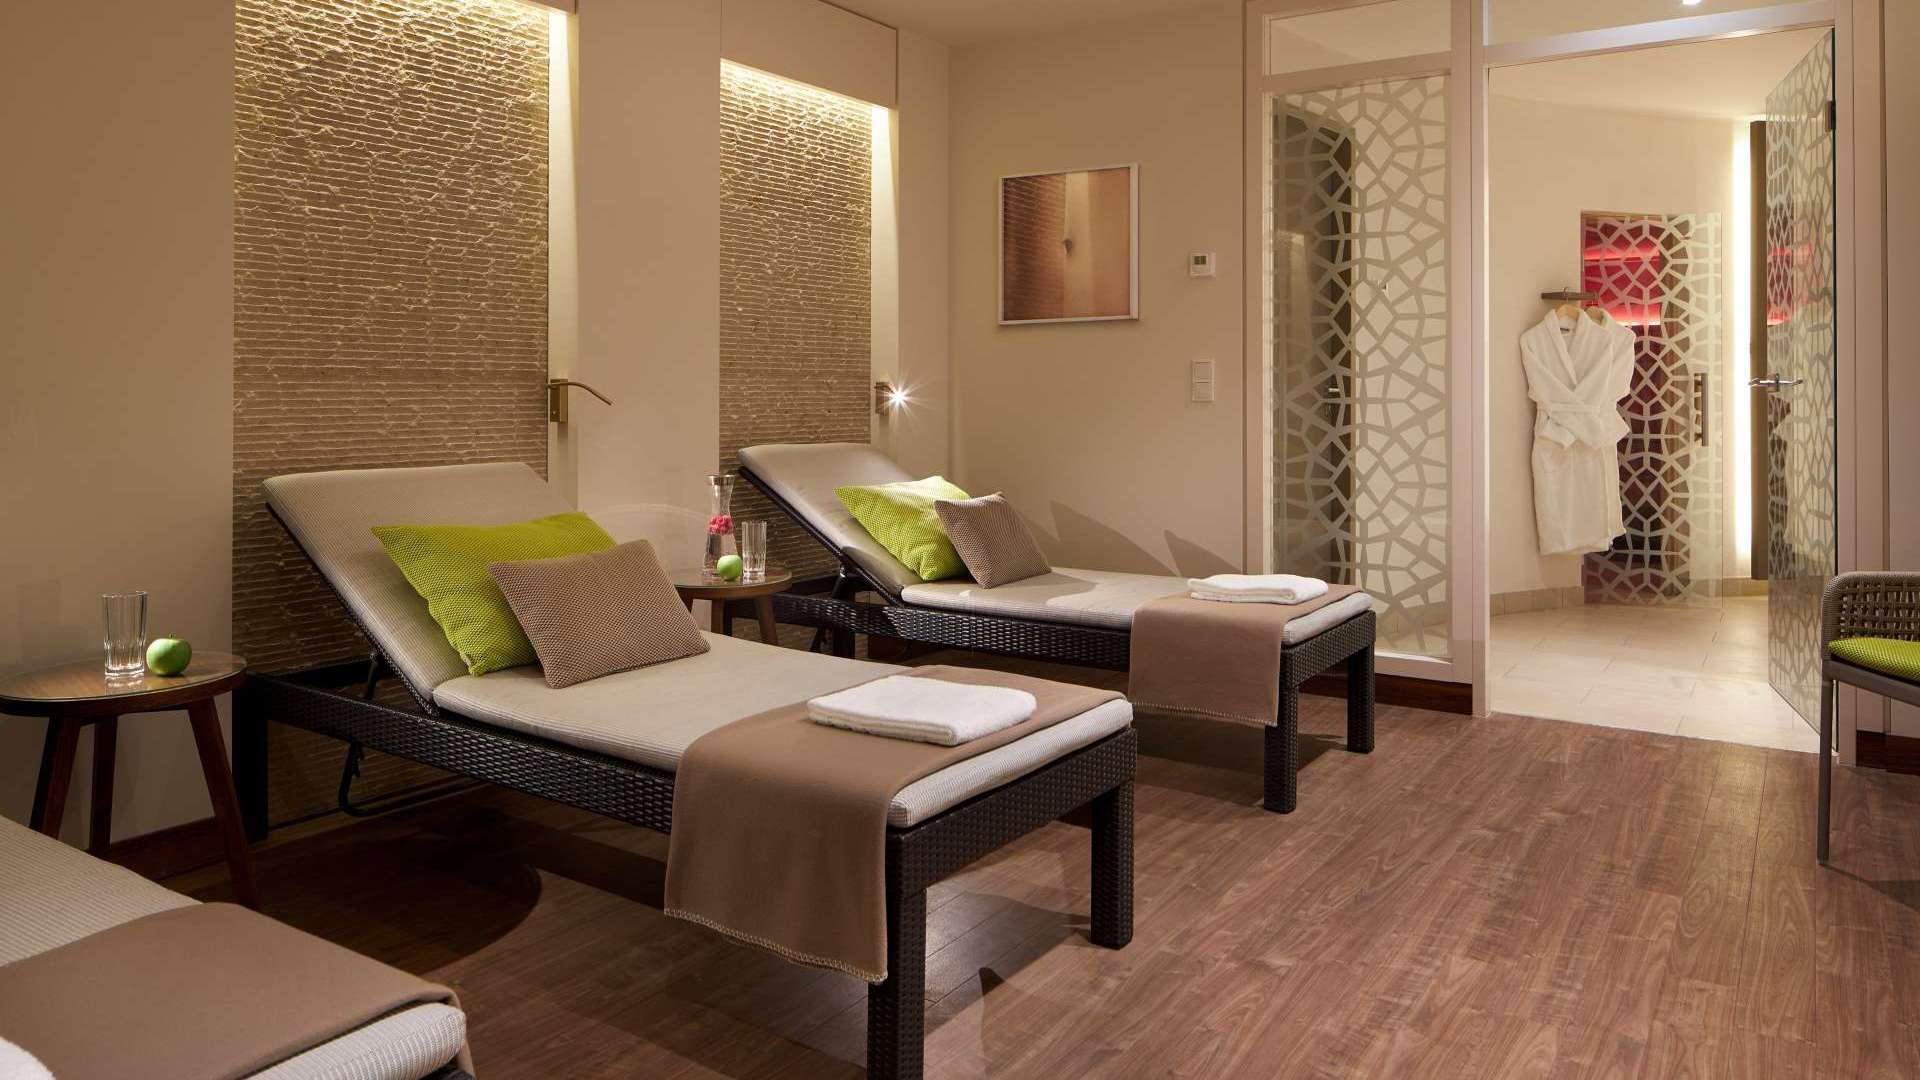 Classik Hotel Alexander Plaza Liegen im Saunabereich